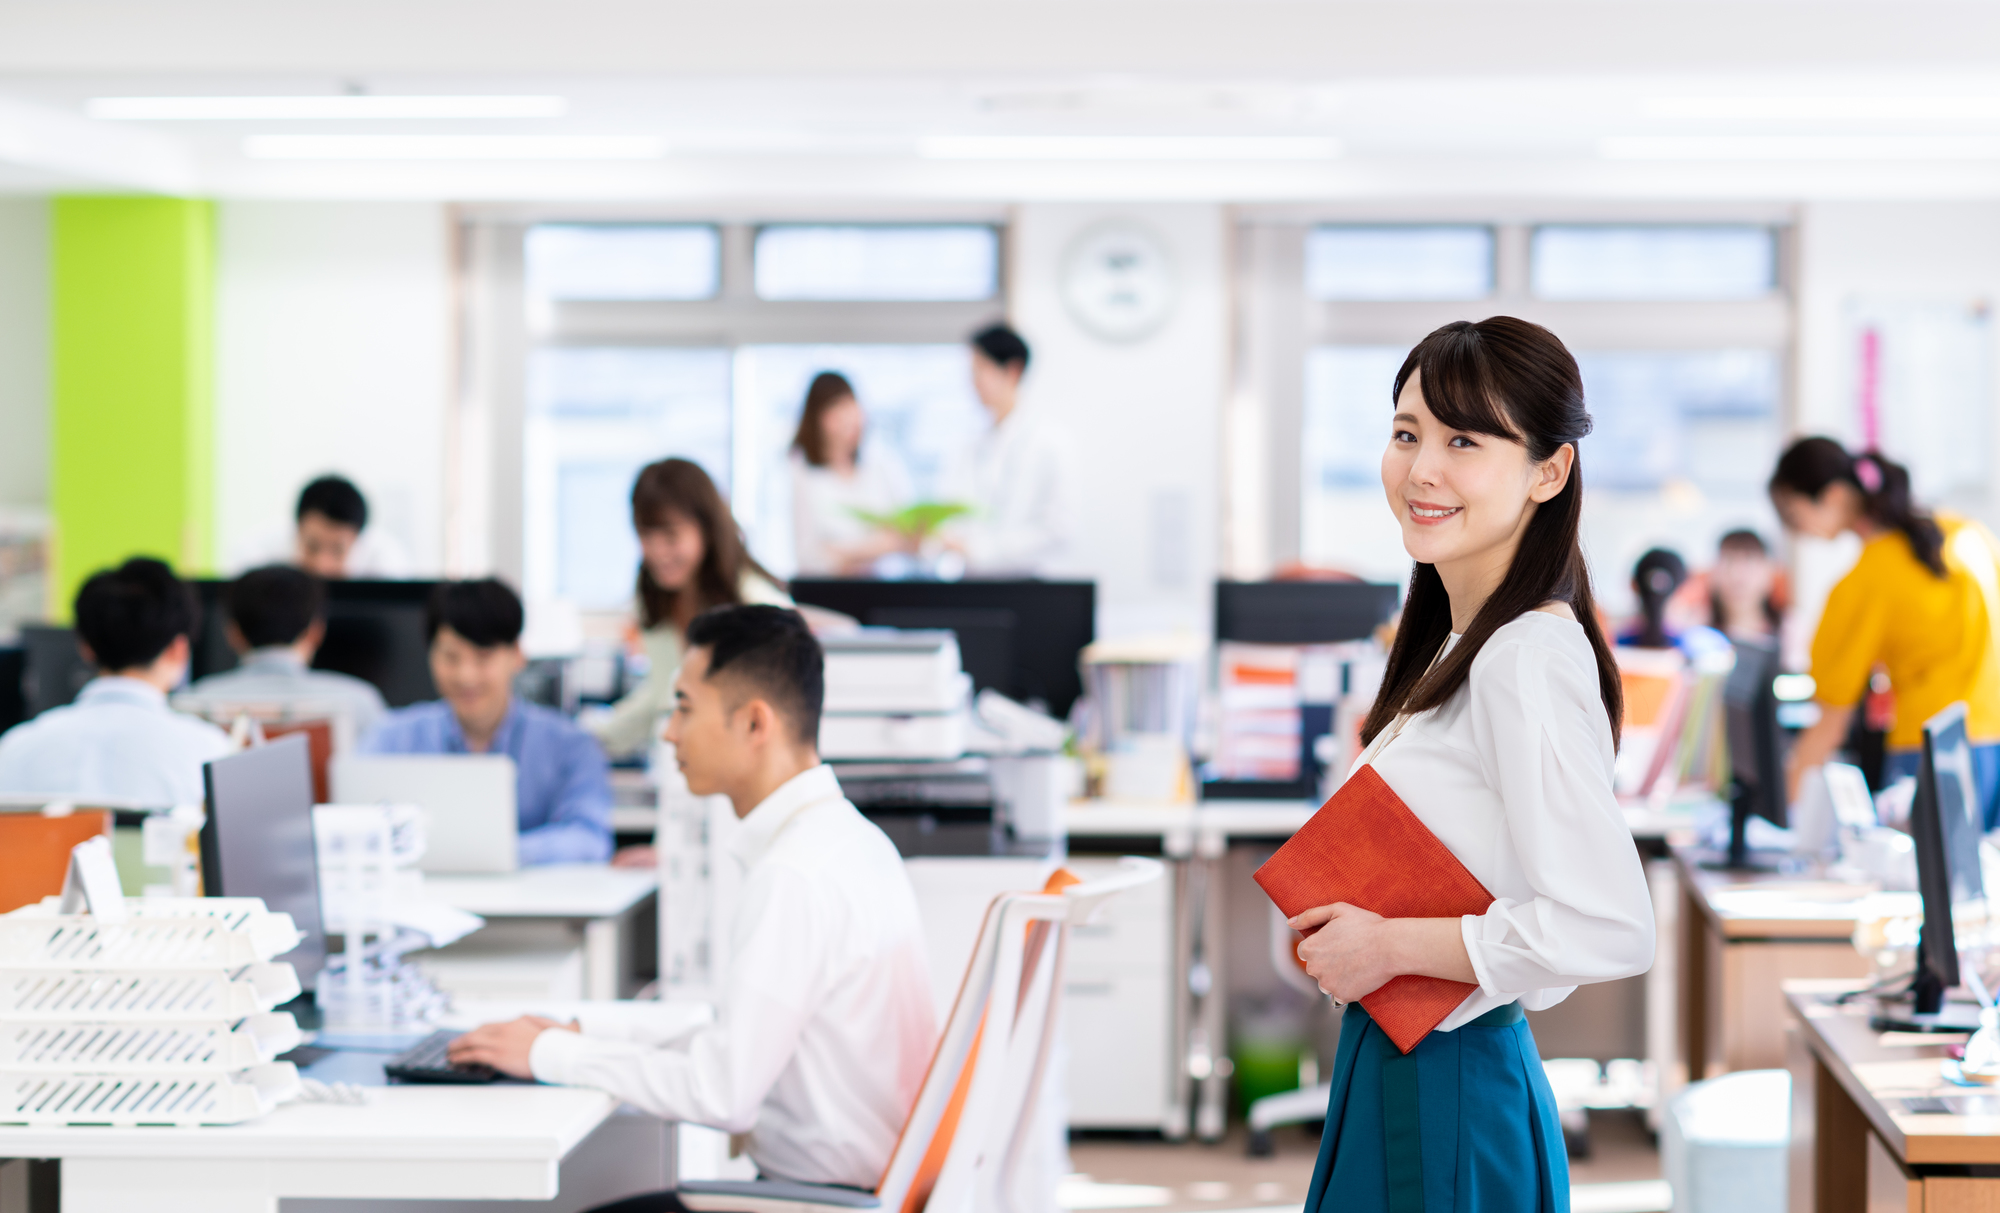 「勤労感謝の日」に考える、働く人の意欲を引き出す日本型の人事改革